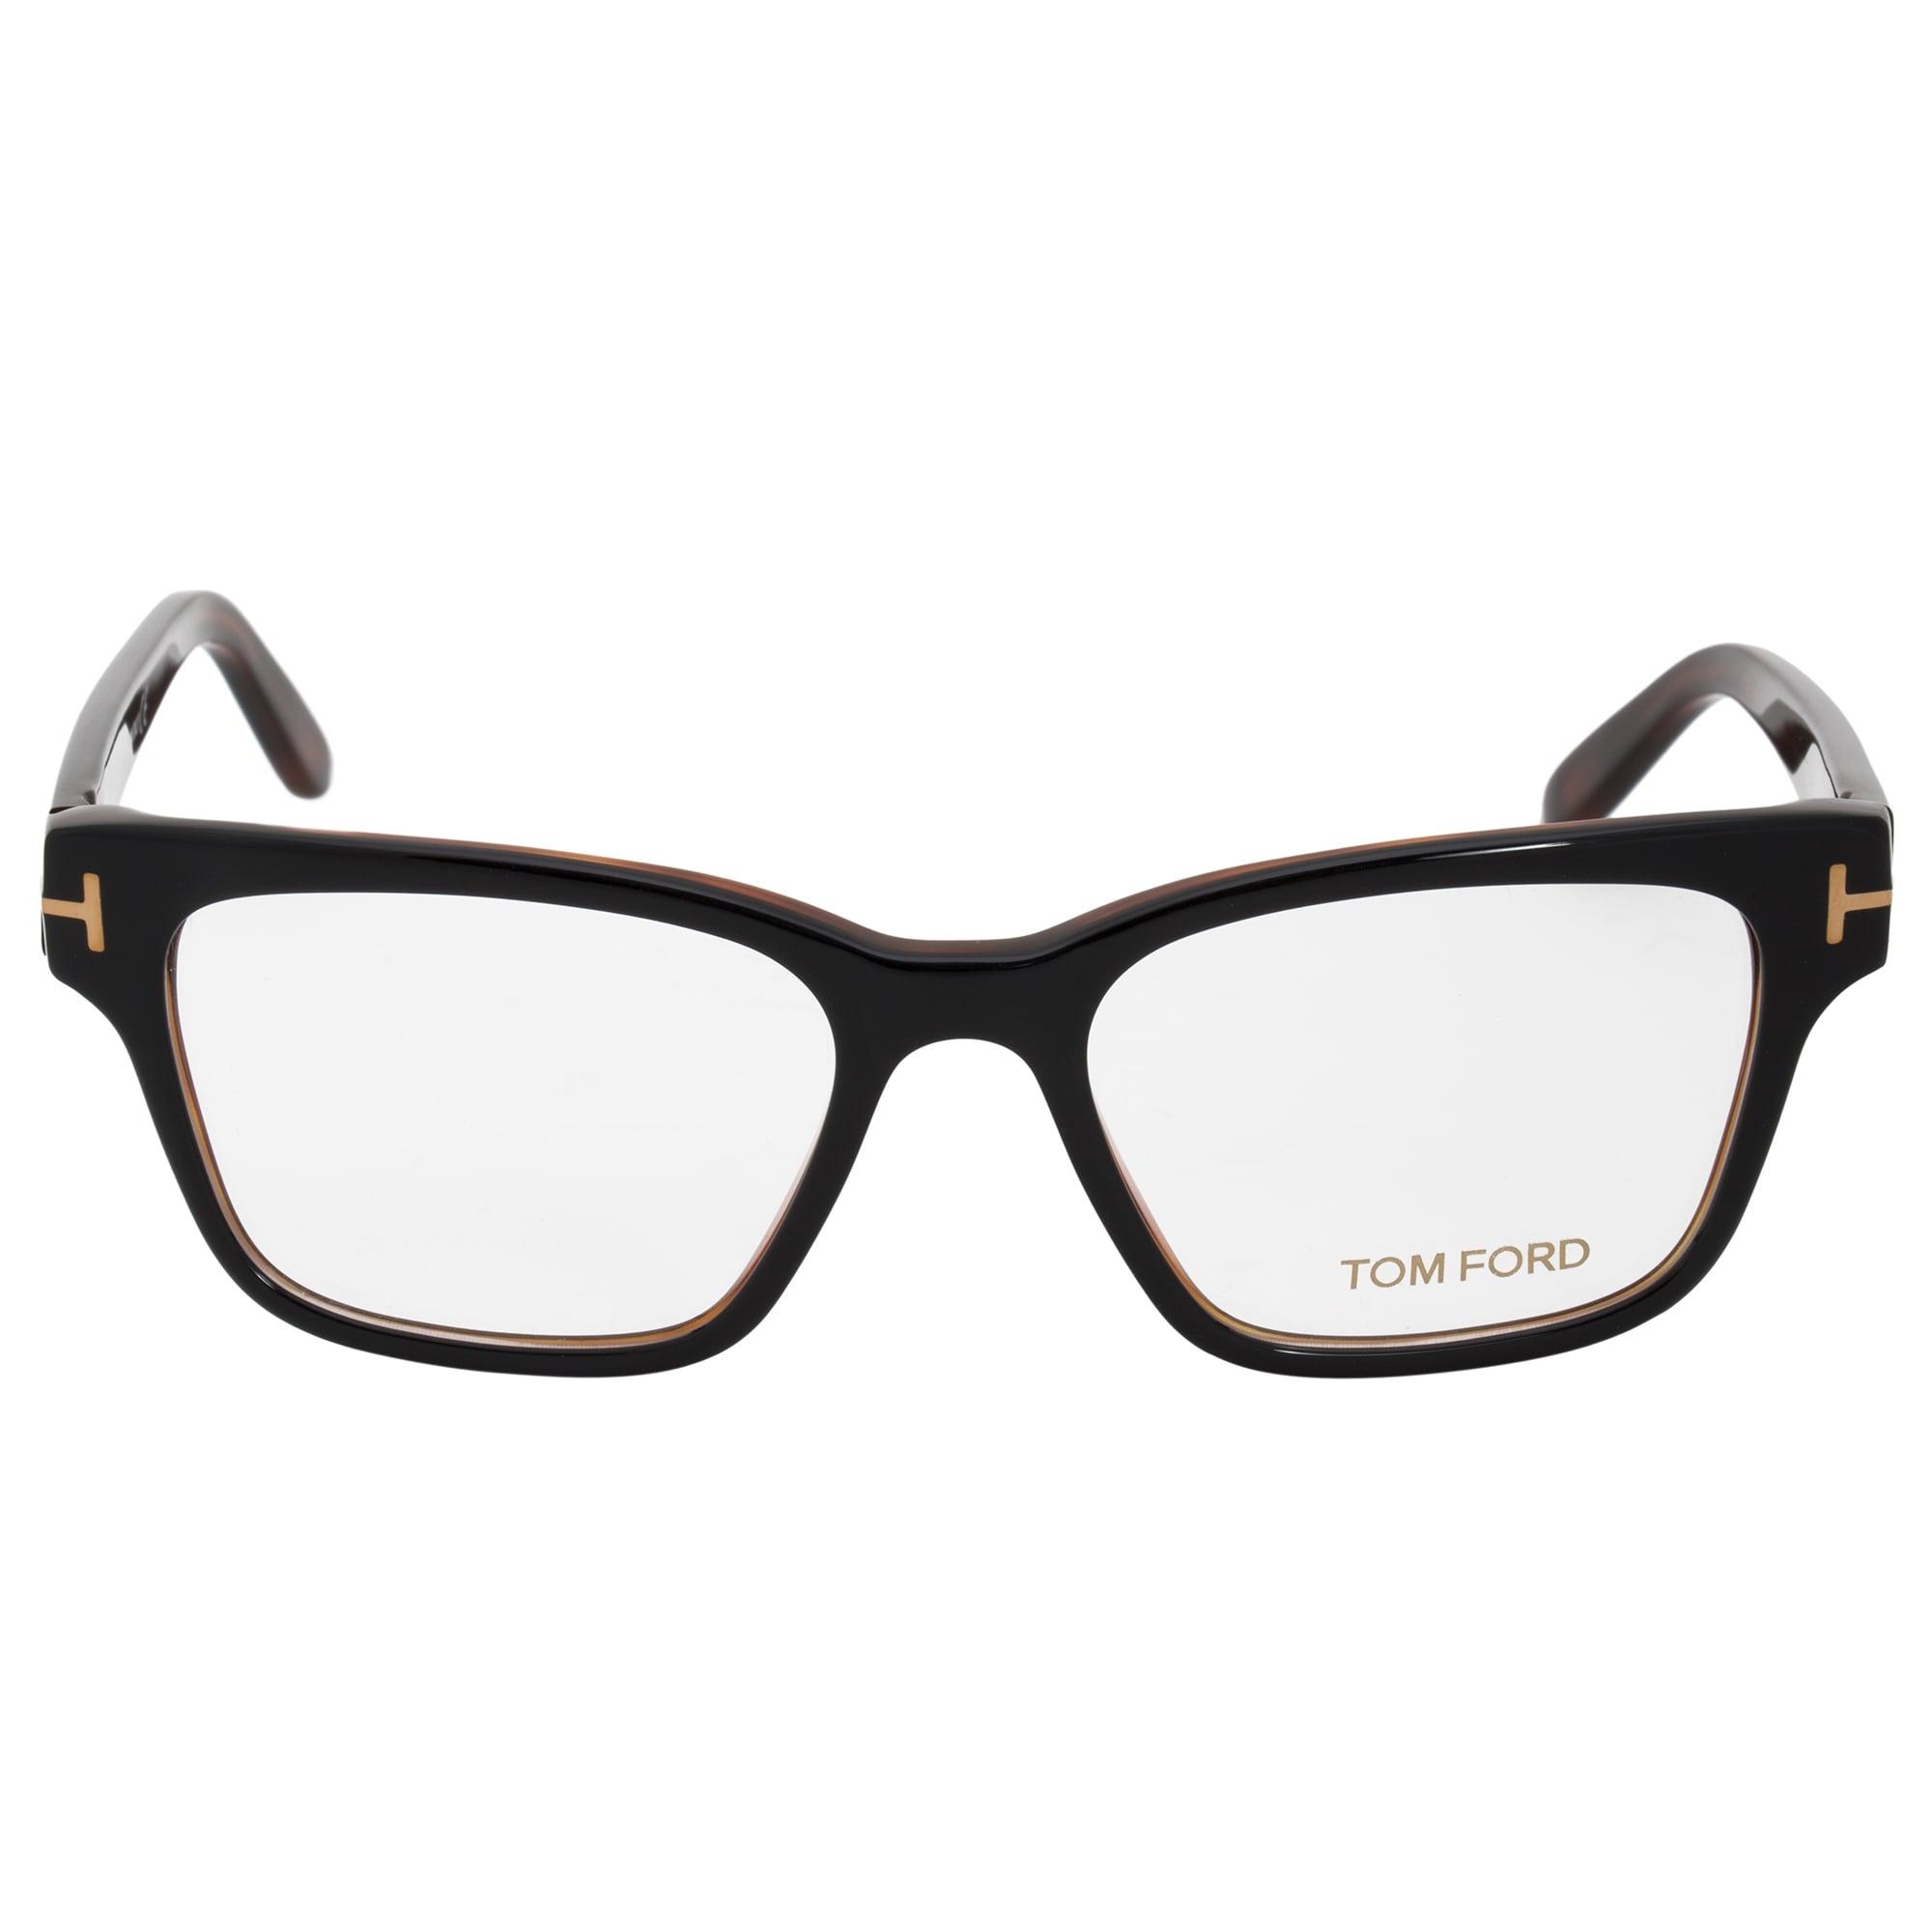 eyeglasses frame okulary ford pin tom pinterest